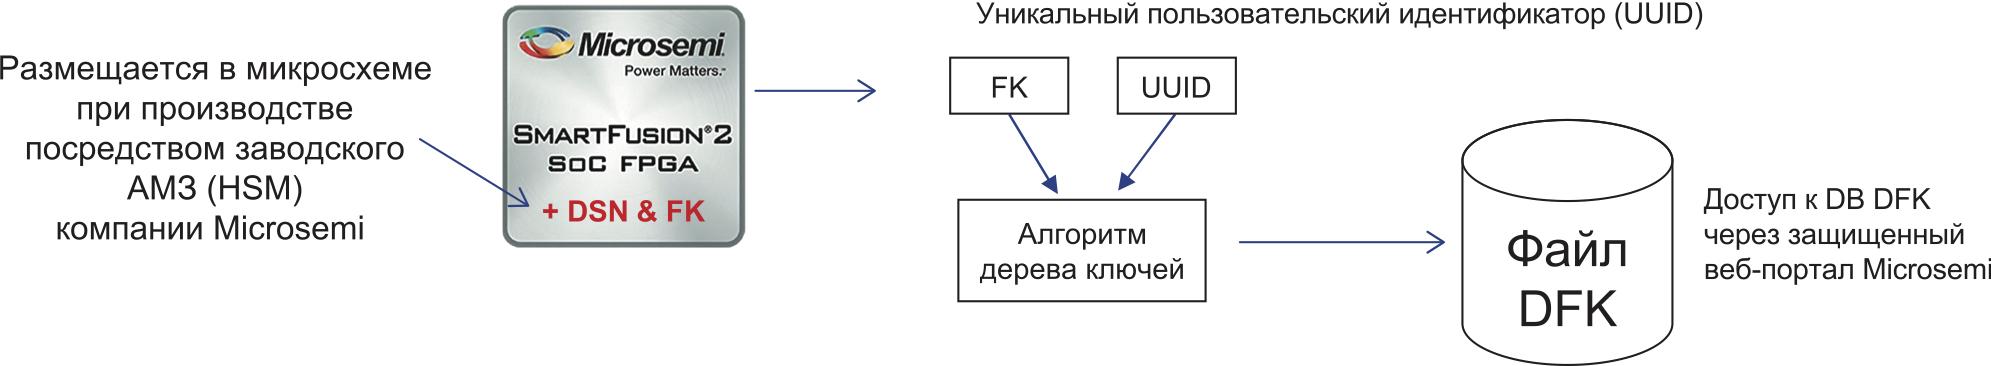 Создание базы данных диверсифицированных заводских ключей (DFK DB)